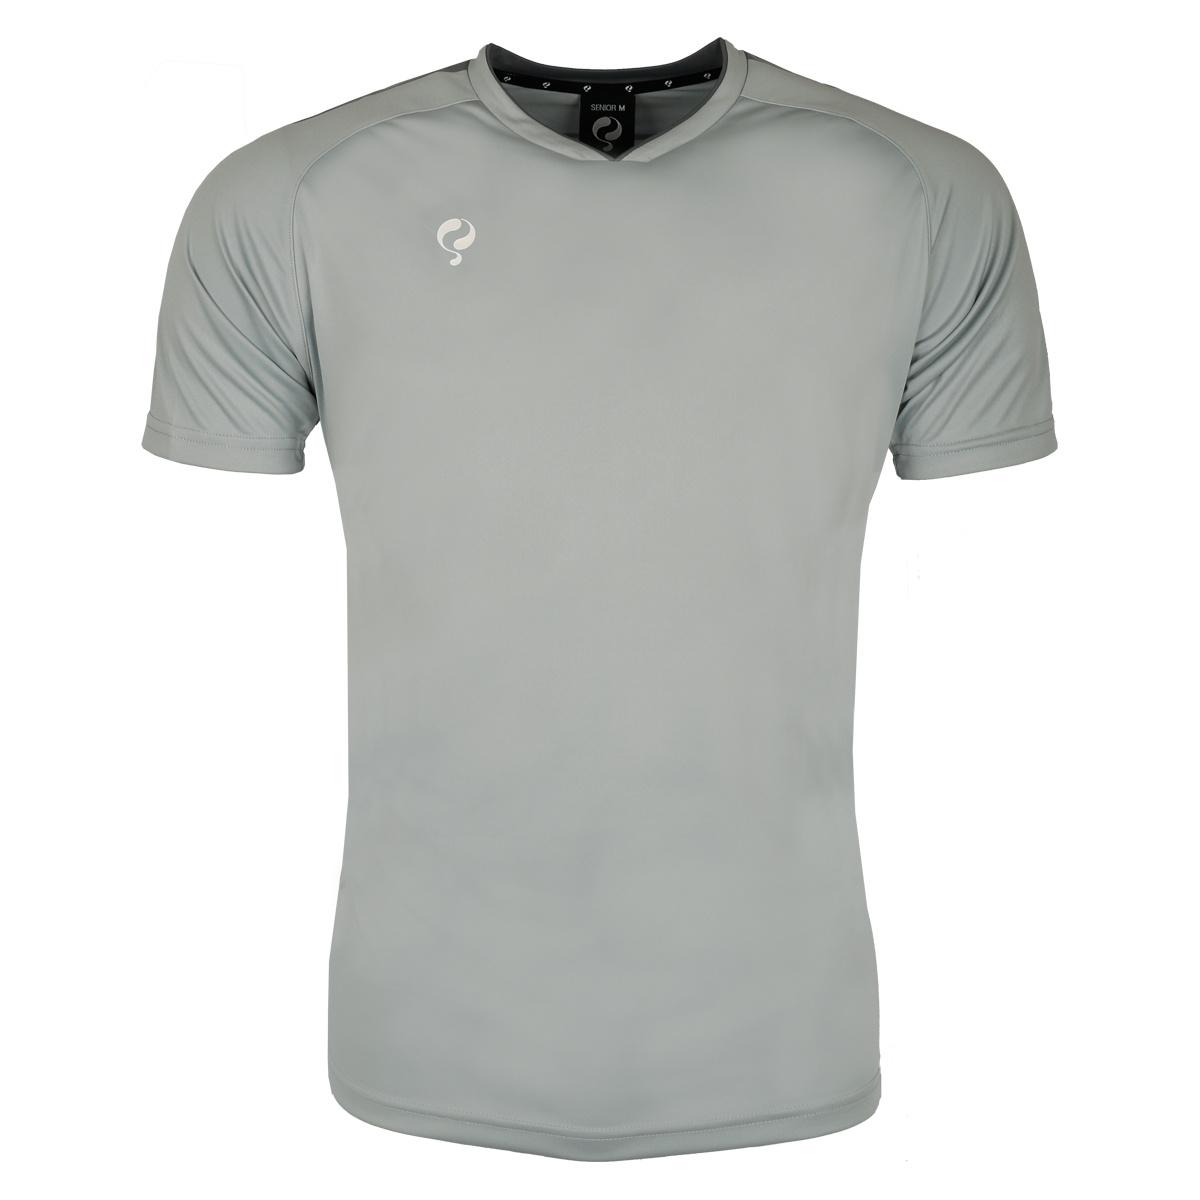 Q1905 Heren Trainingsshirt Maher Grijs / Zwart / Wit